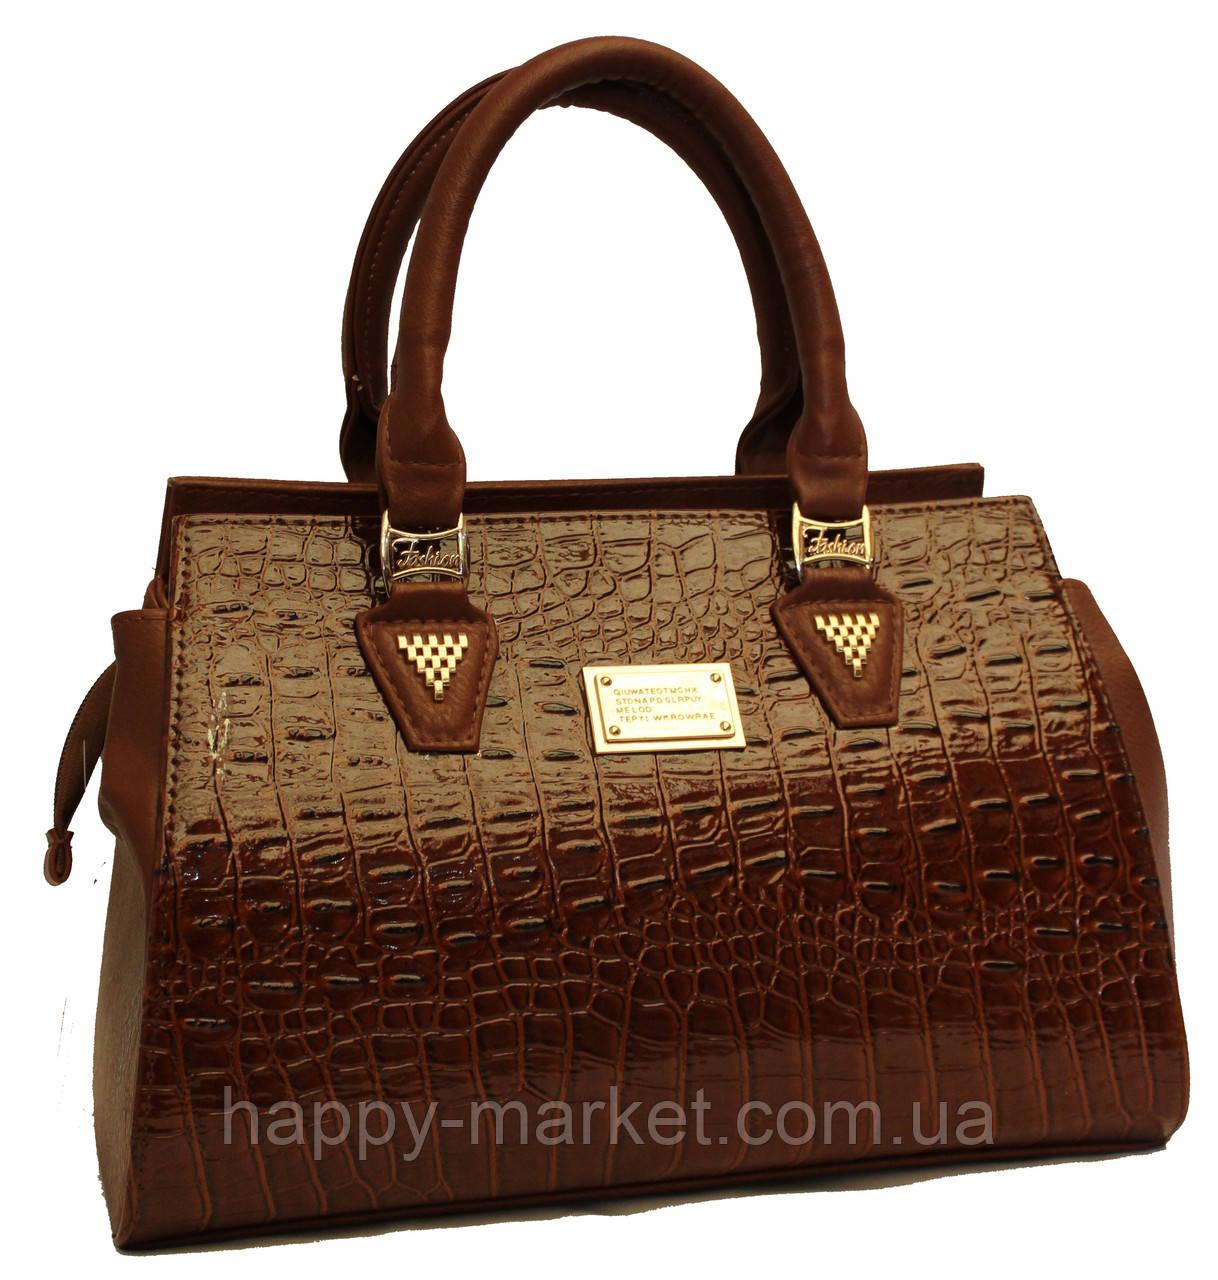 Сумка женская классическая Fashion Искусственная кожа 552802-1